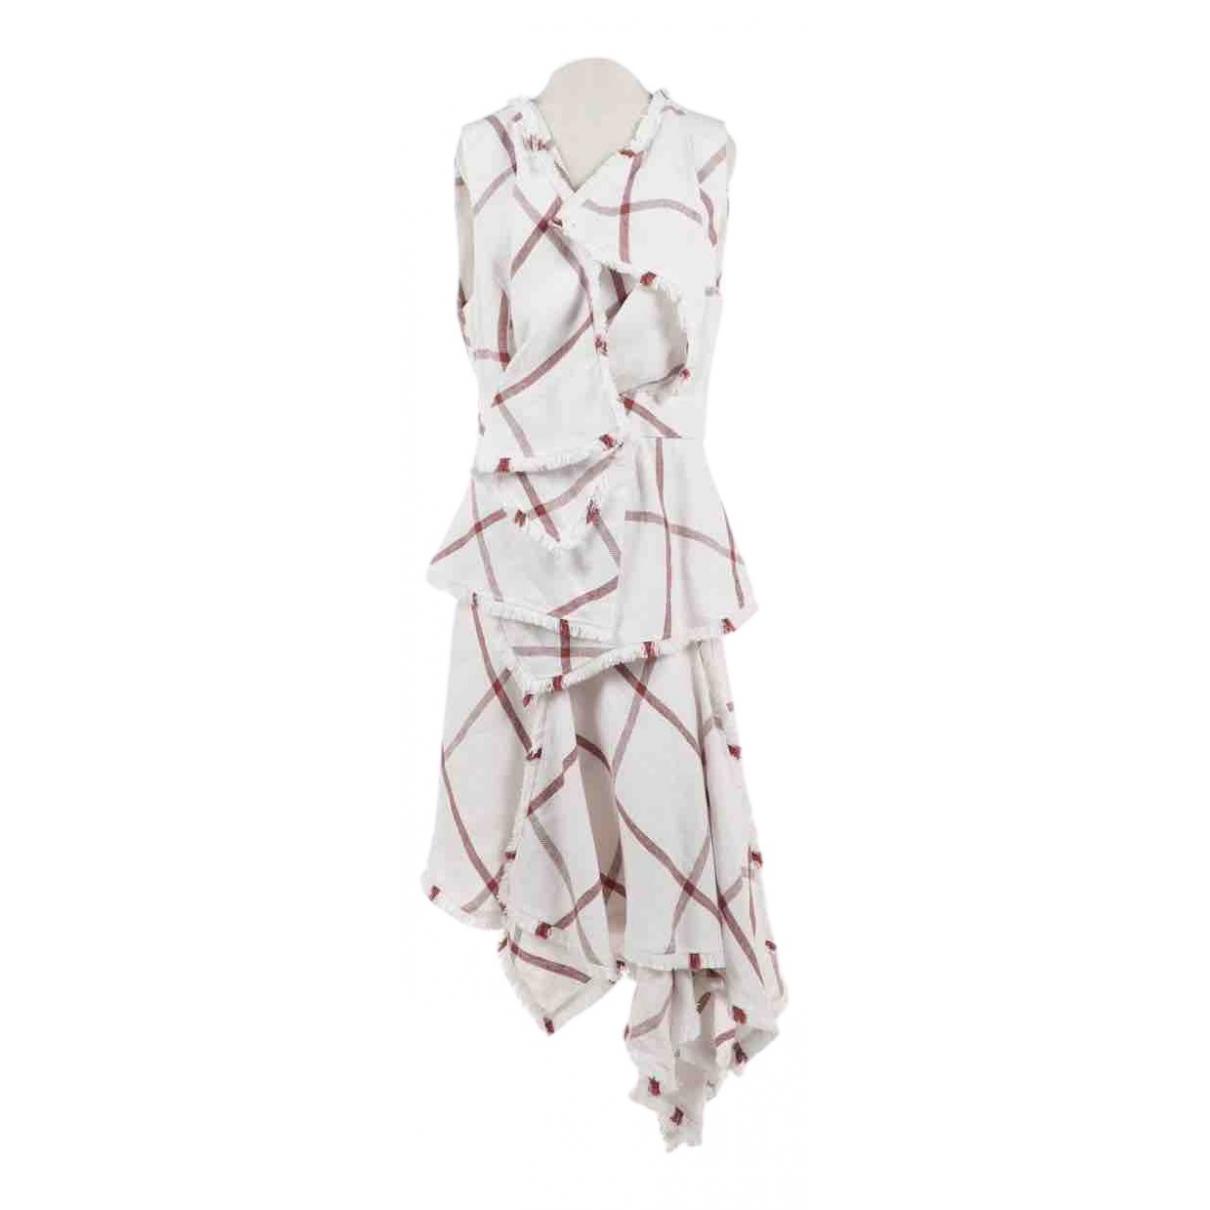 Acler \N Kleid in  Weiss Leinen